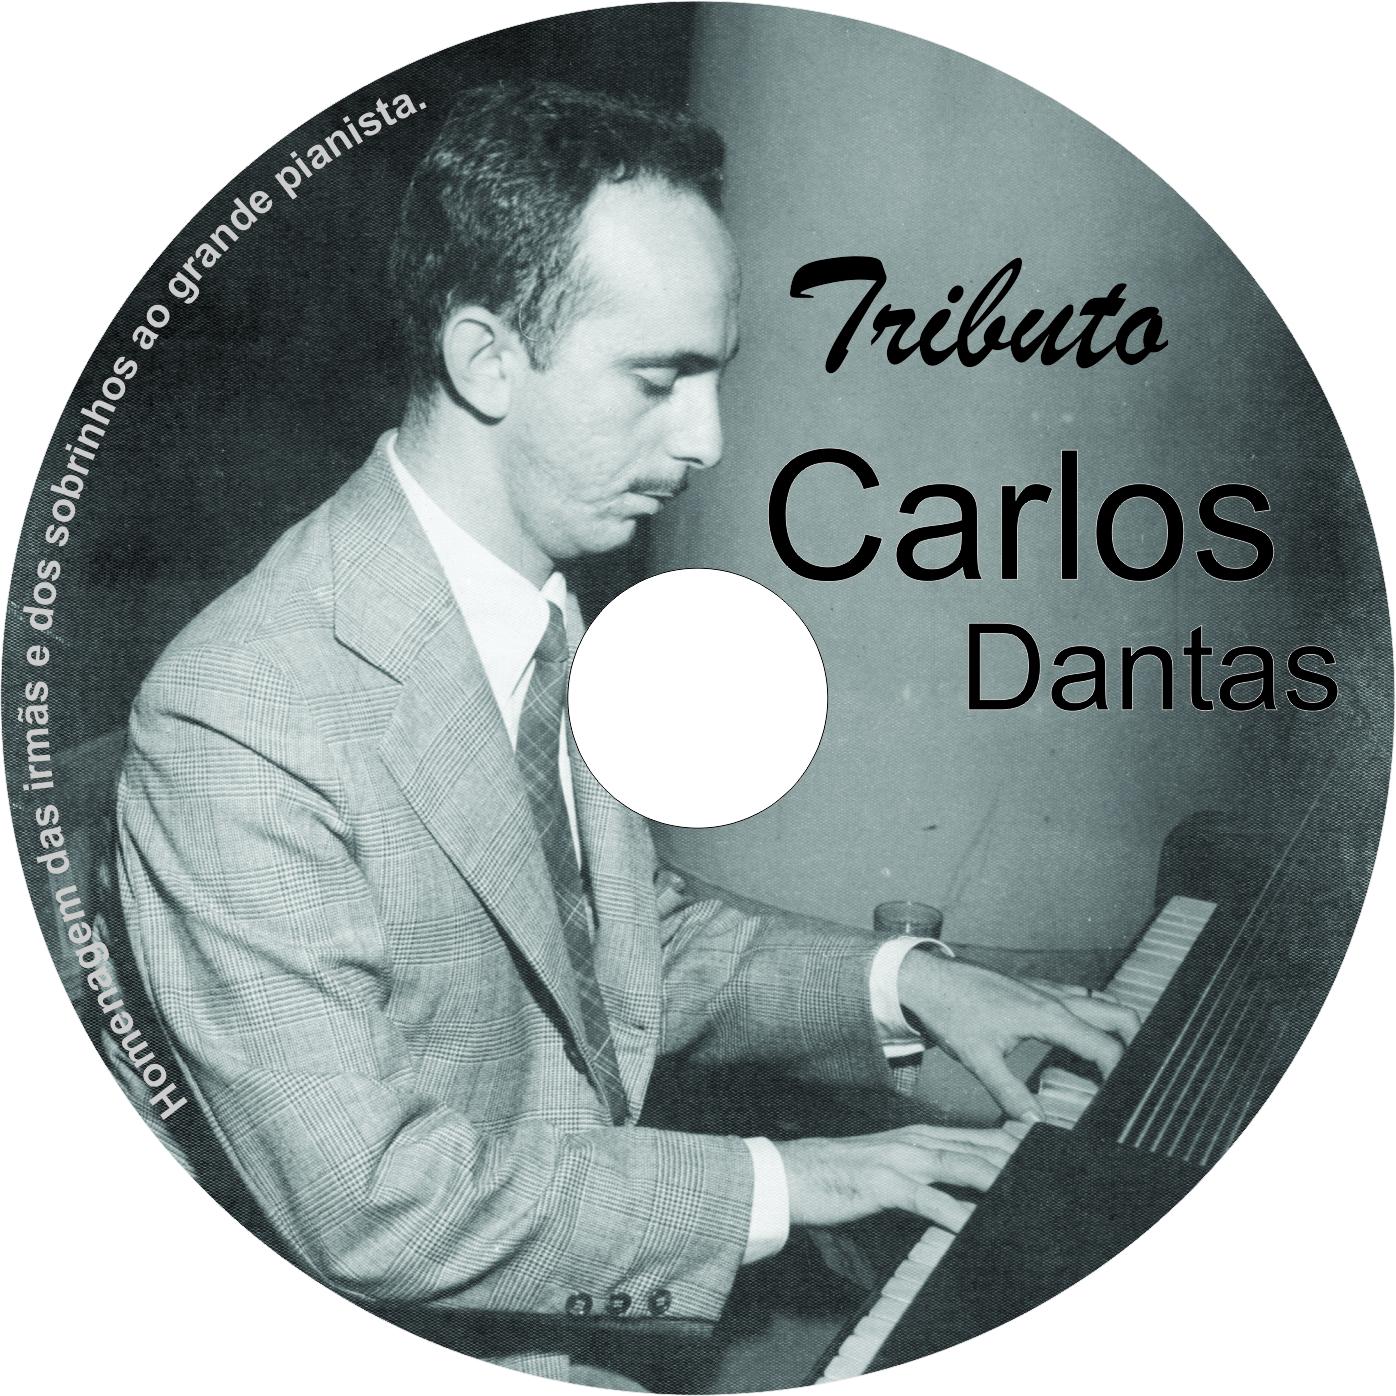 Cd - Carlos Dantas